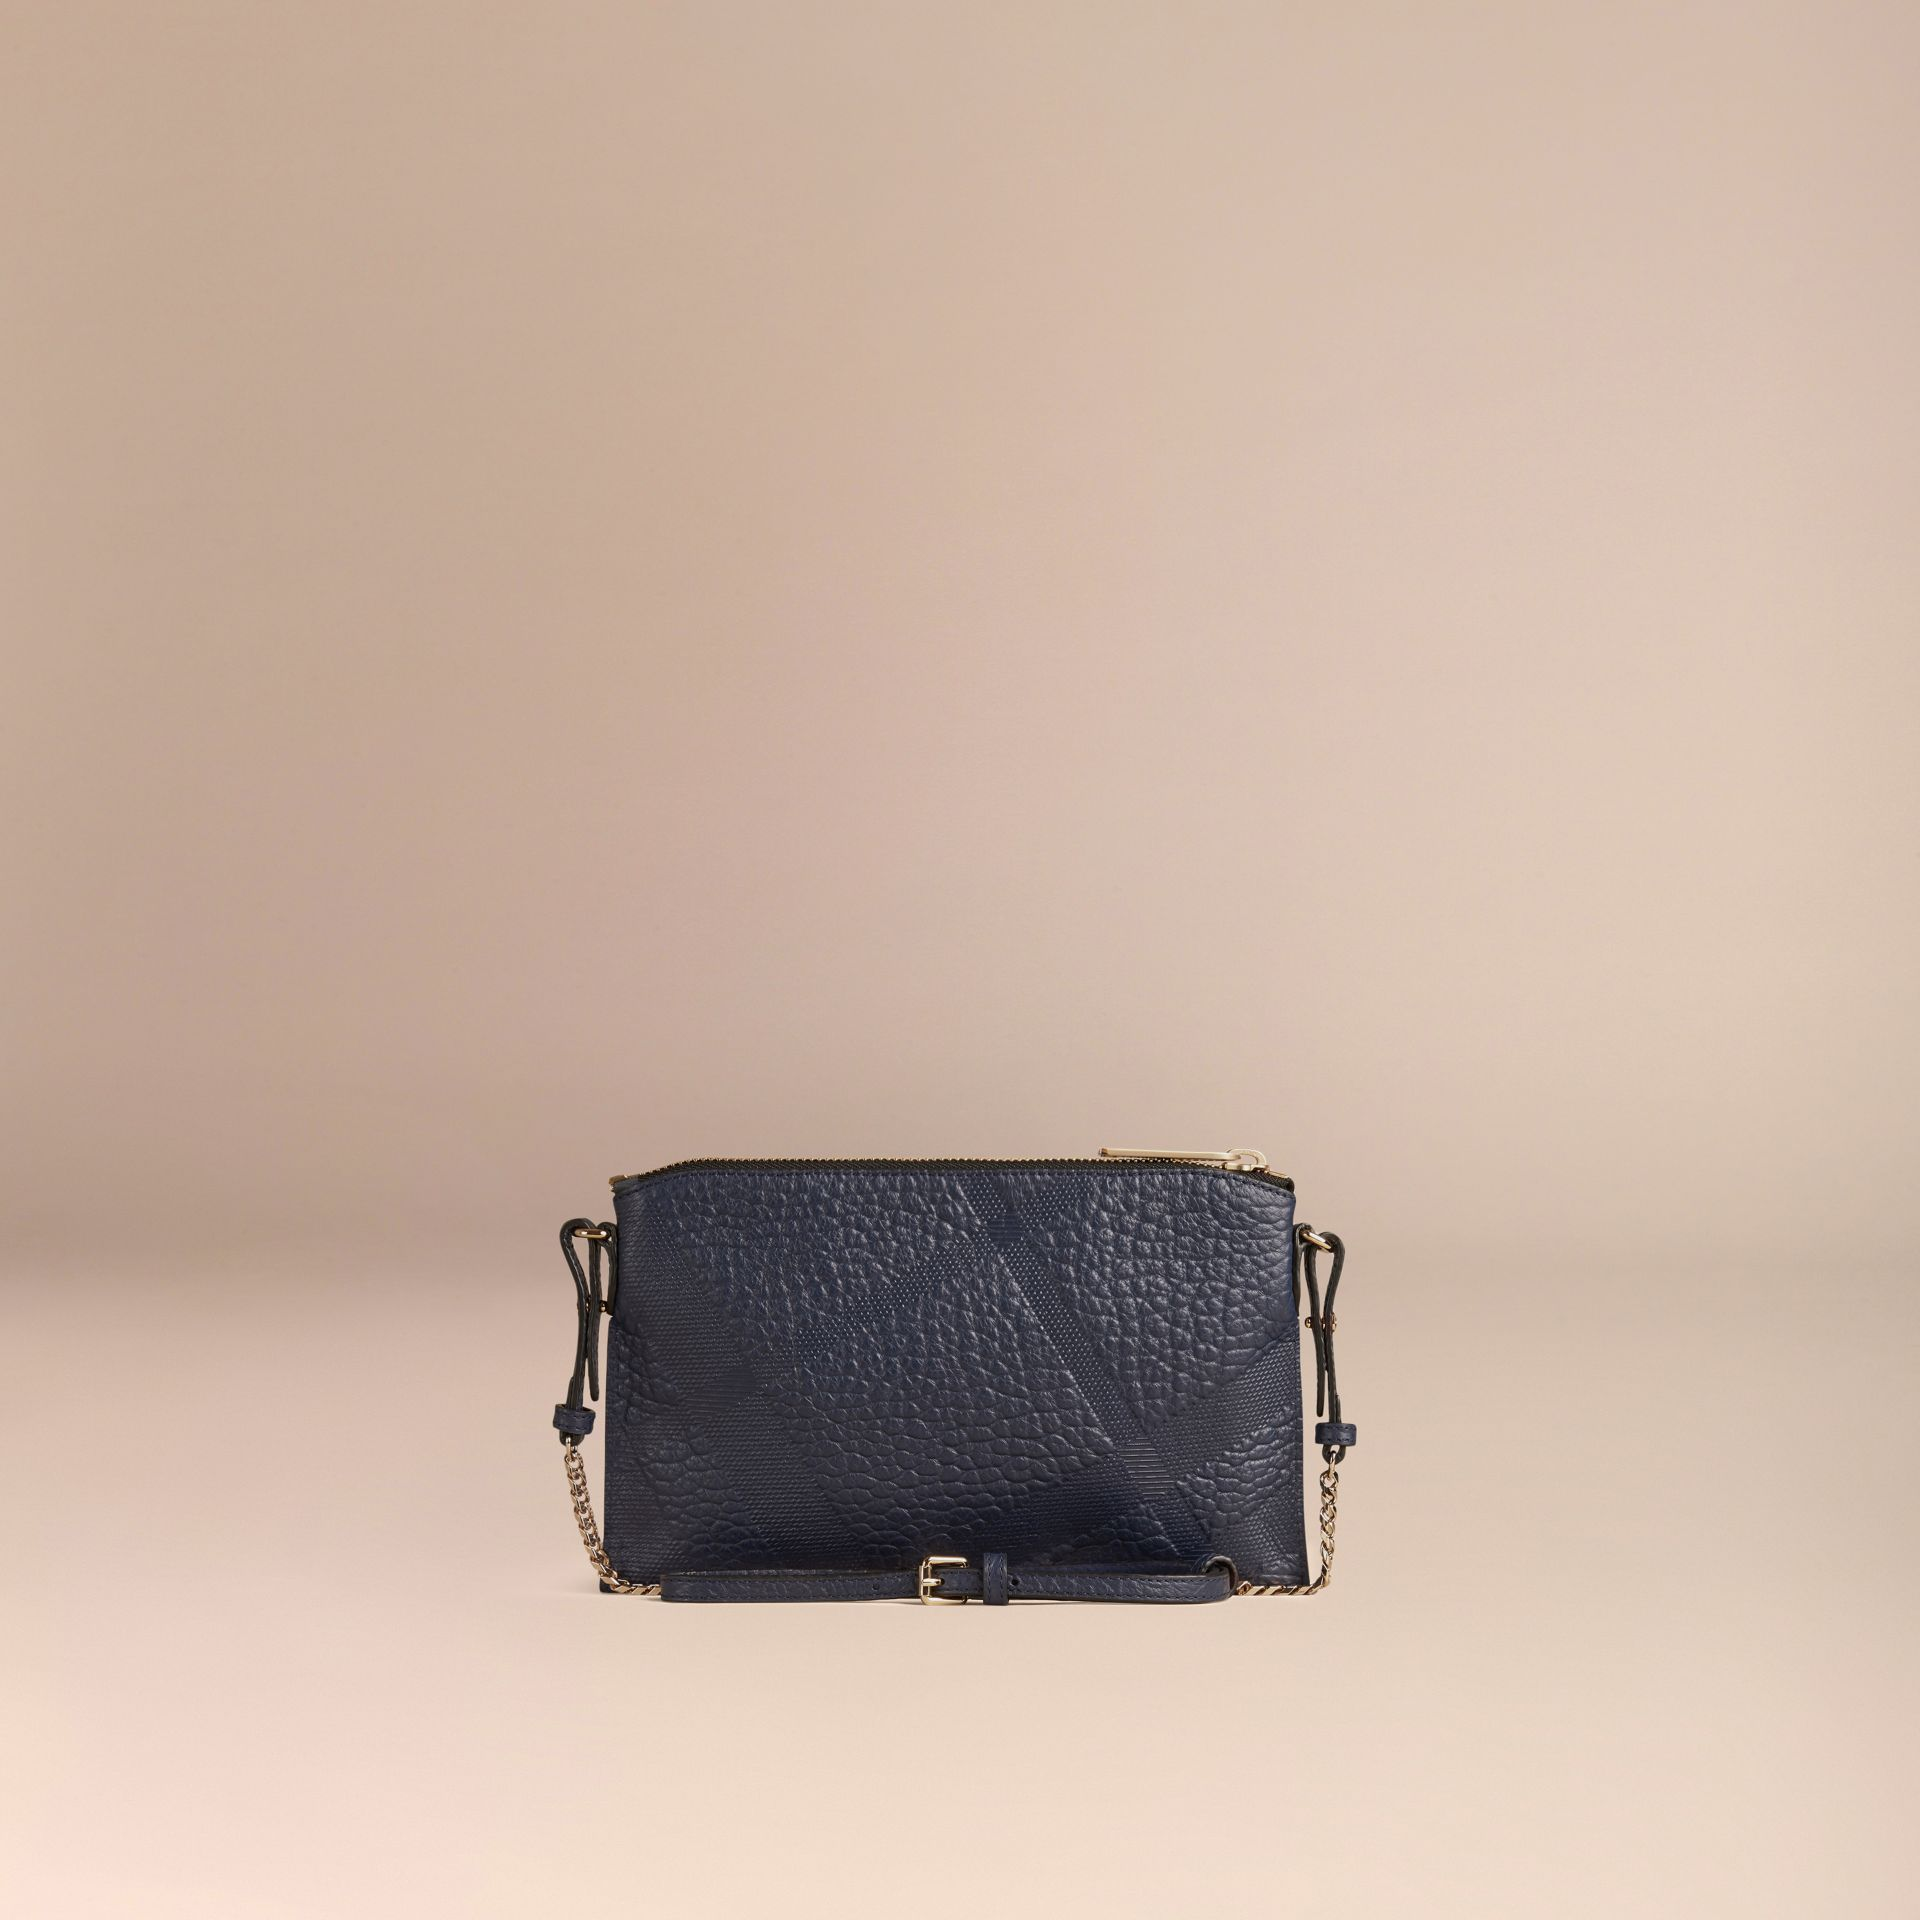 Blu carbonio Pochette in pelle con motivo check in rilievo Blu Carbonio - immagine della galleria 4